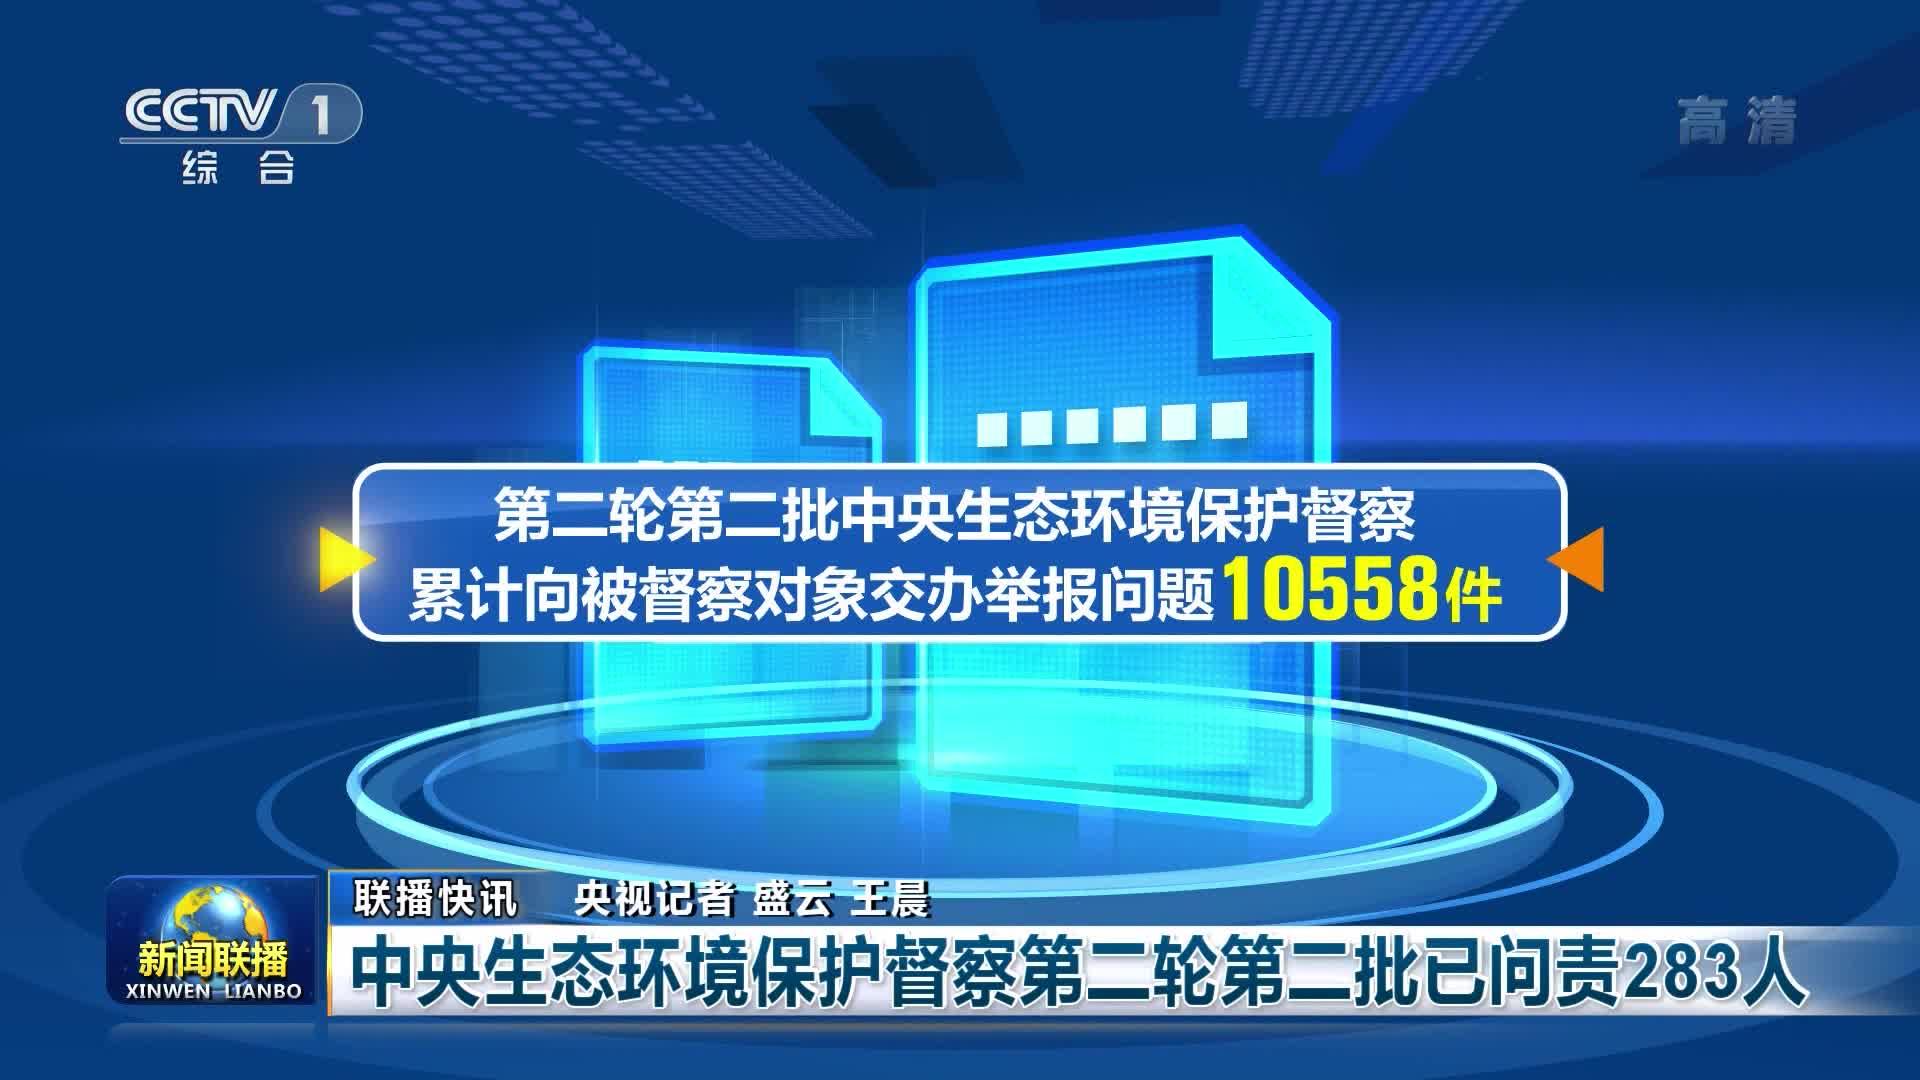 【联播快讯】中央生态环境保护督察第二轮第二批已问责283人